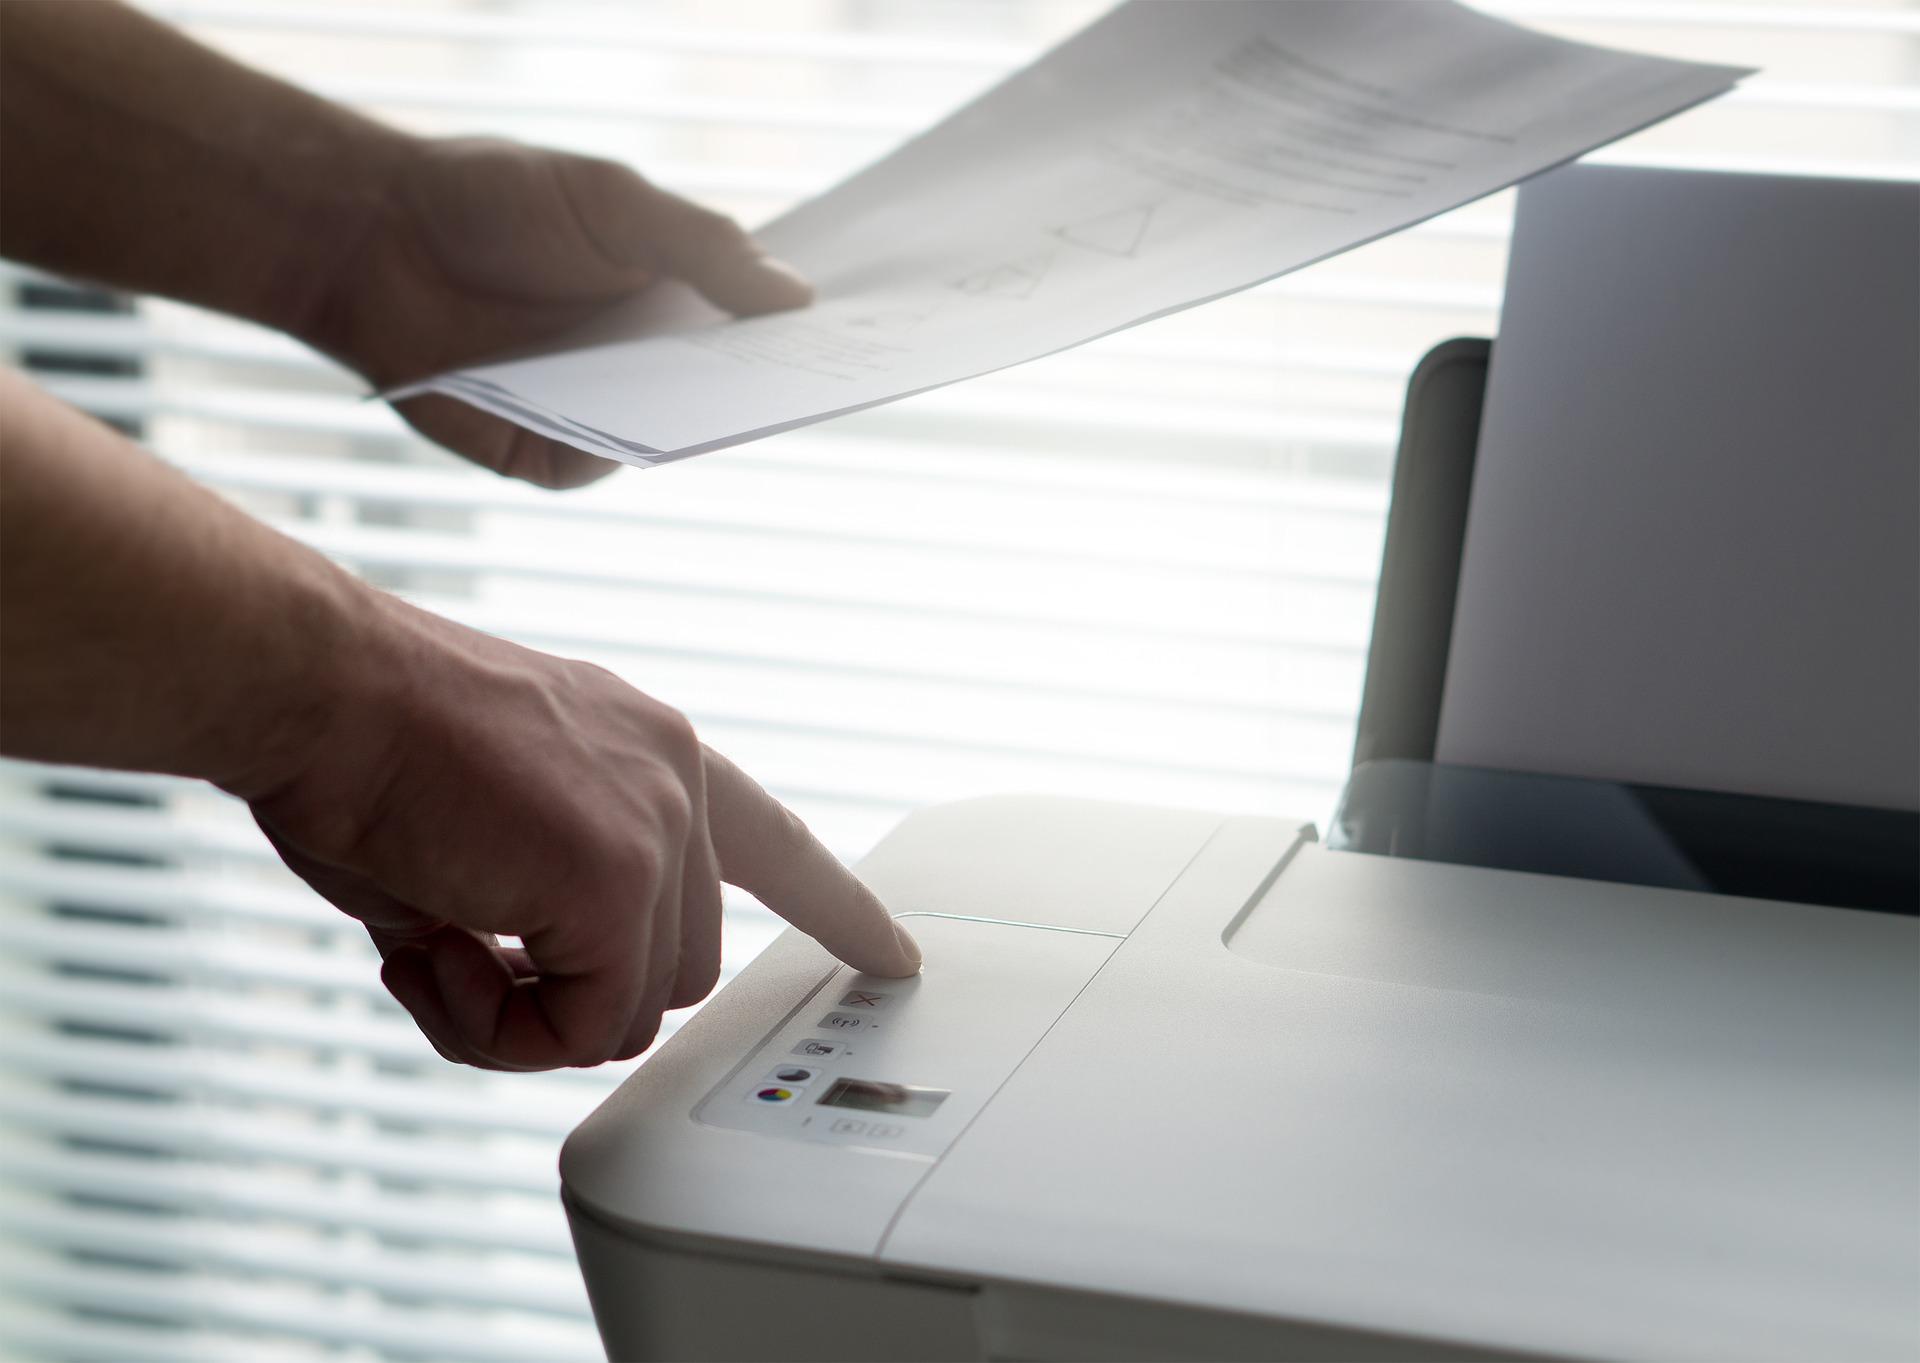 előfizetés a bináris opciók jelzésére bevált webhelyek vagy programok a pénzkereséshez